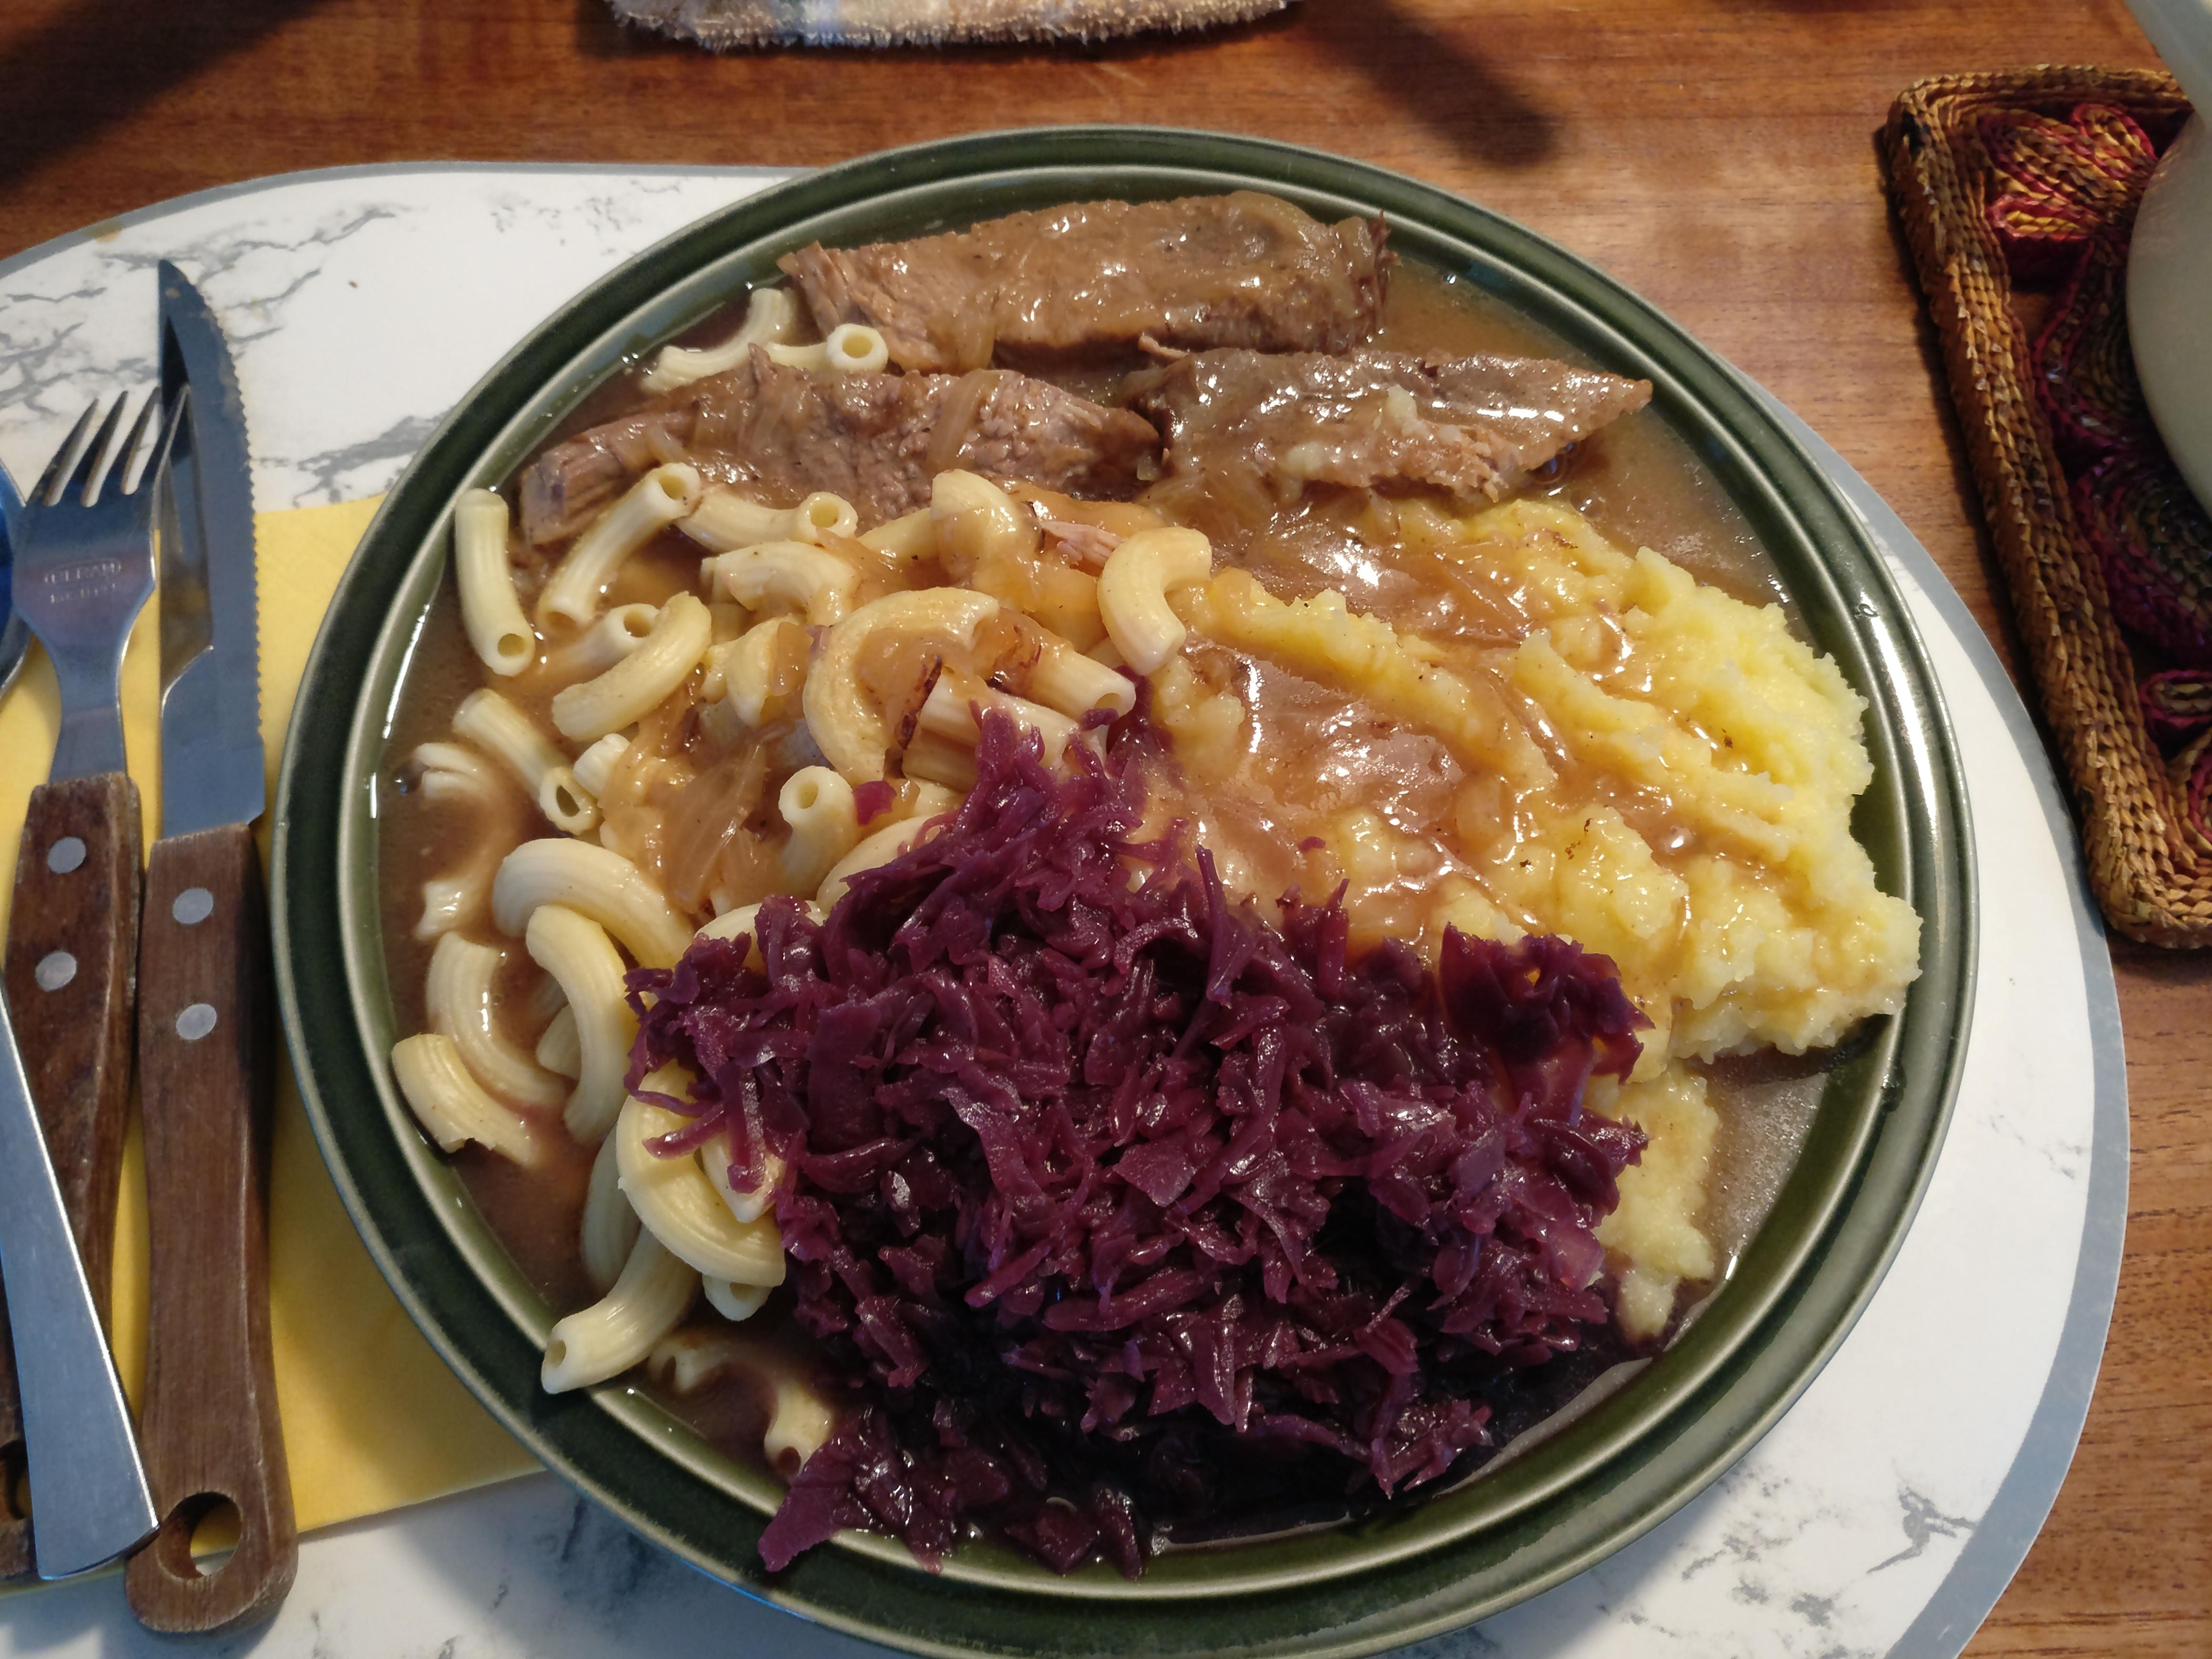 http://foodloader.net/nico_2017-06-07_schweinebraten-nudeln-kartoffelpuree-rotkraut.jpg